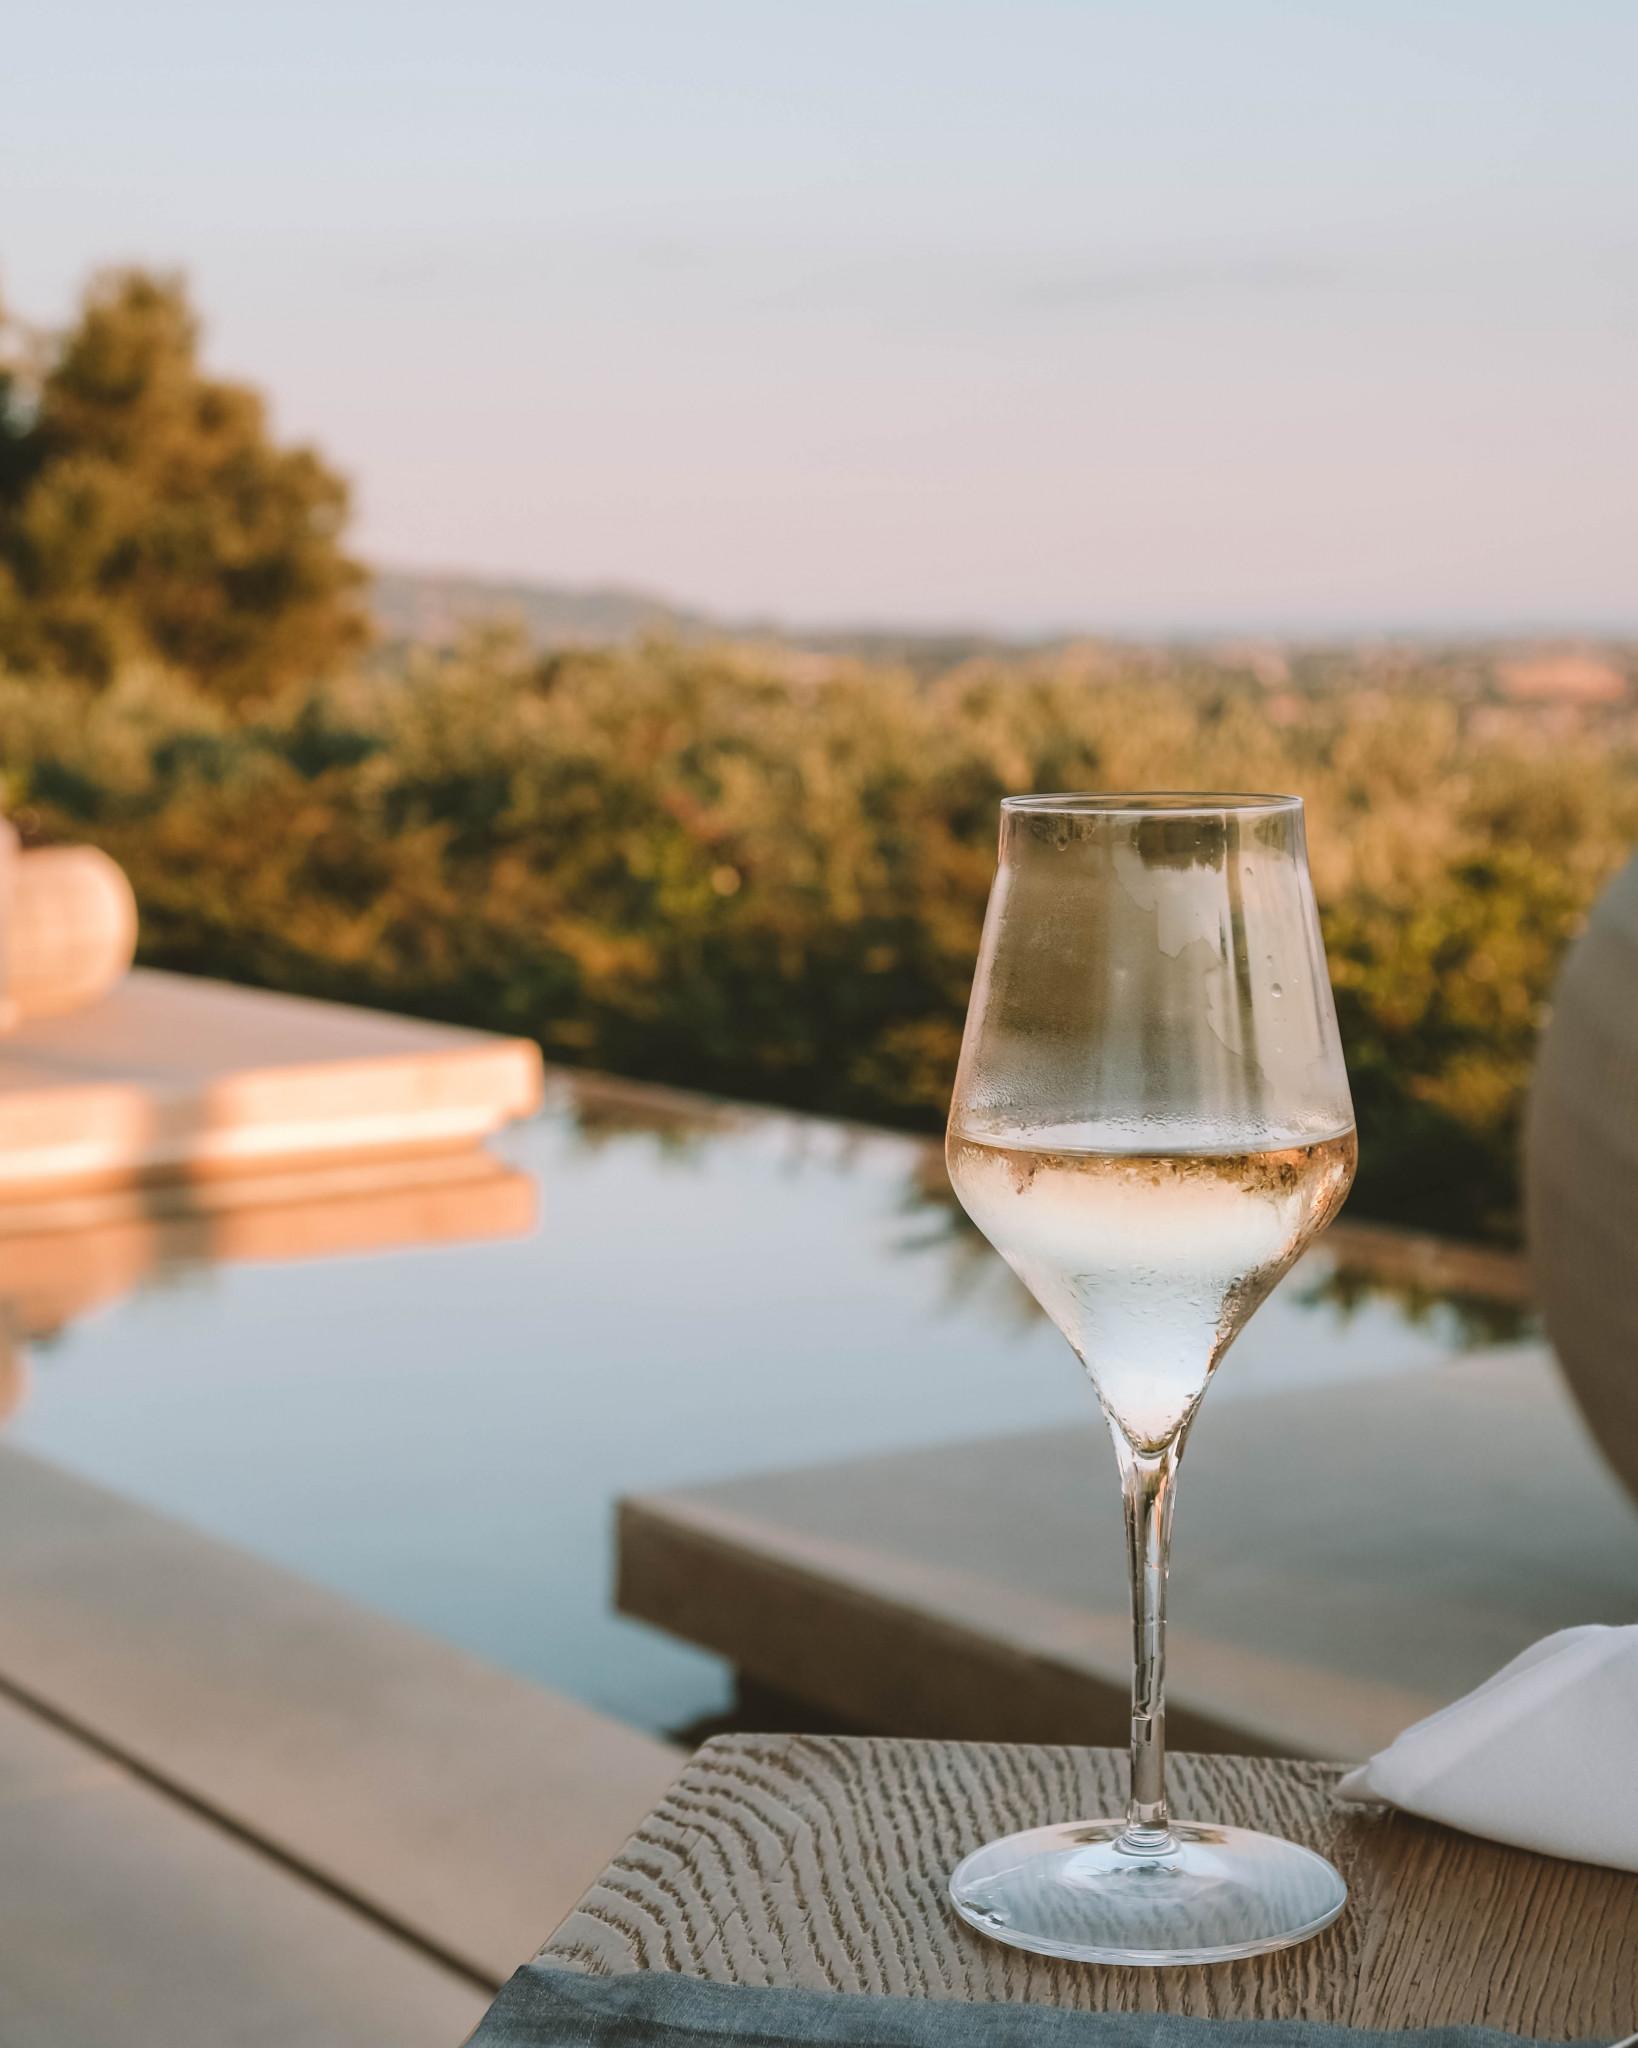 Grèce : Olea All Suite Hotel, bijou de design et de sérénite sur l'île de Zakynthos - 11